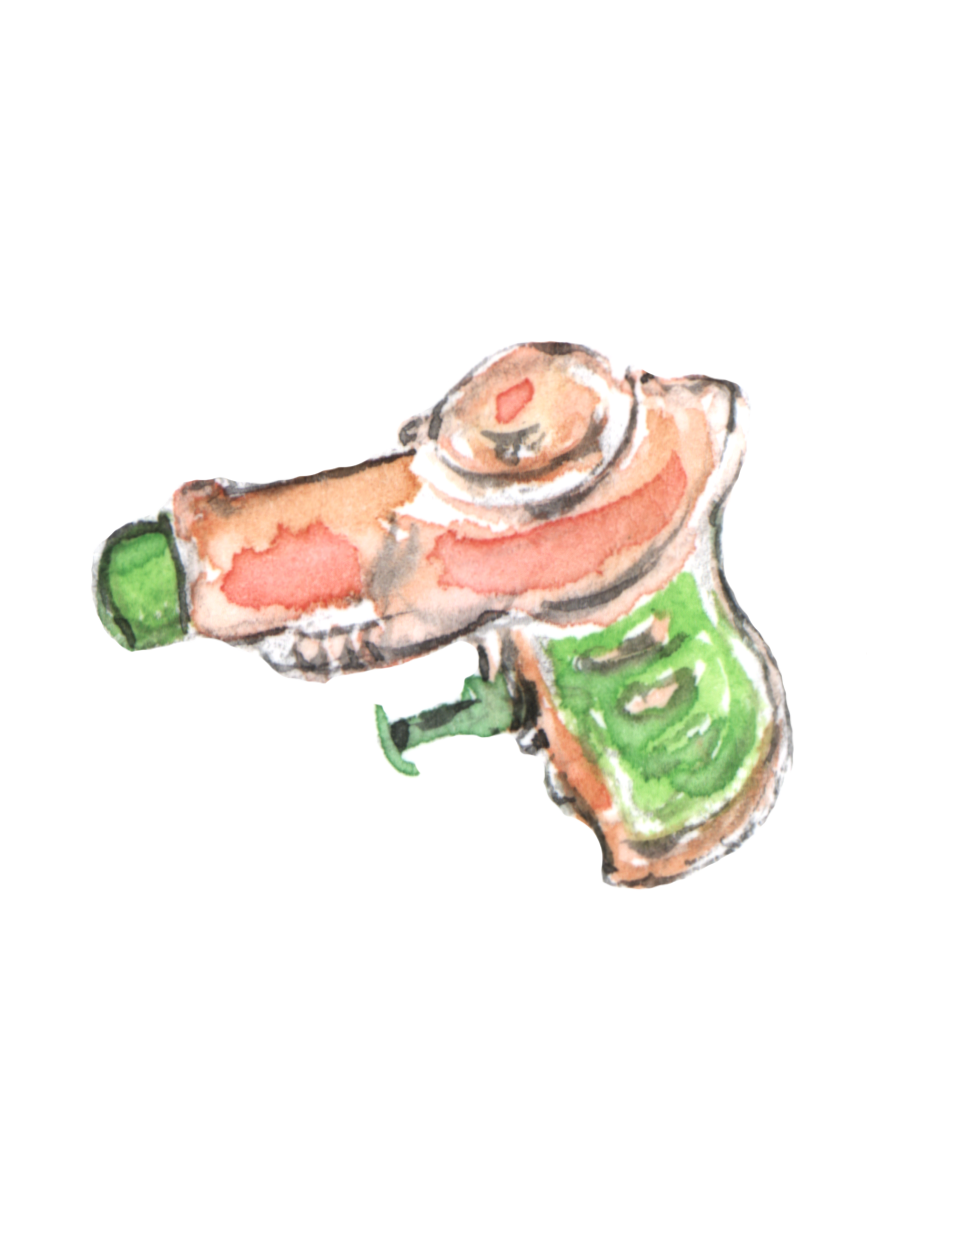 Puppy squirt gun